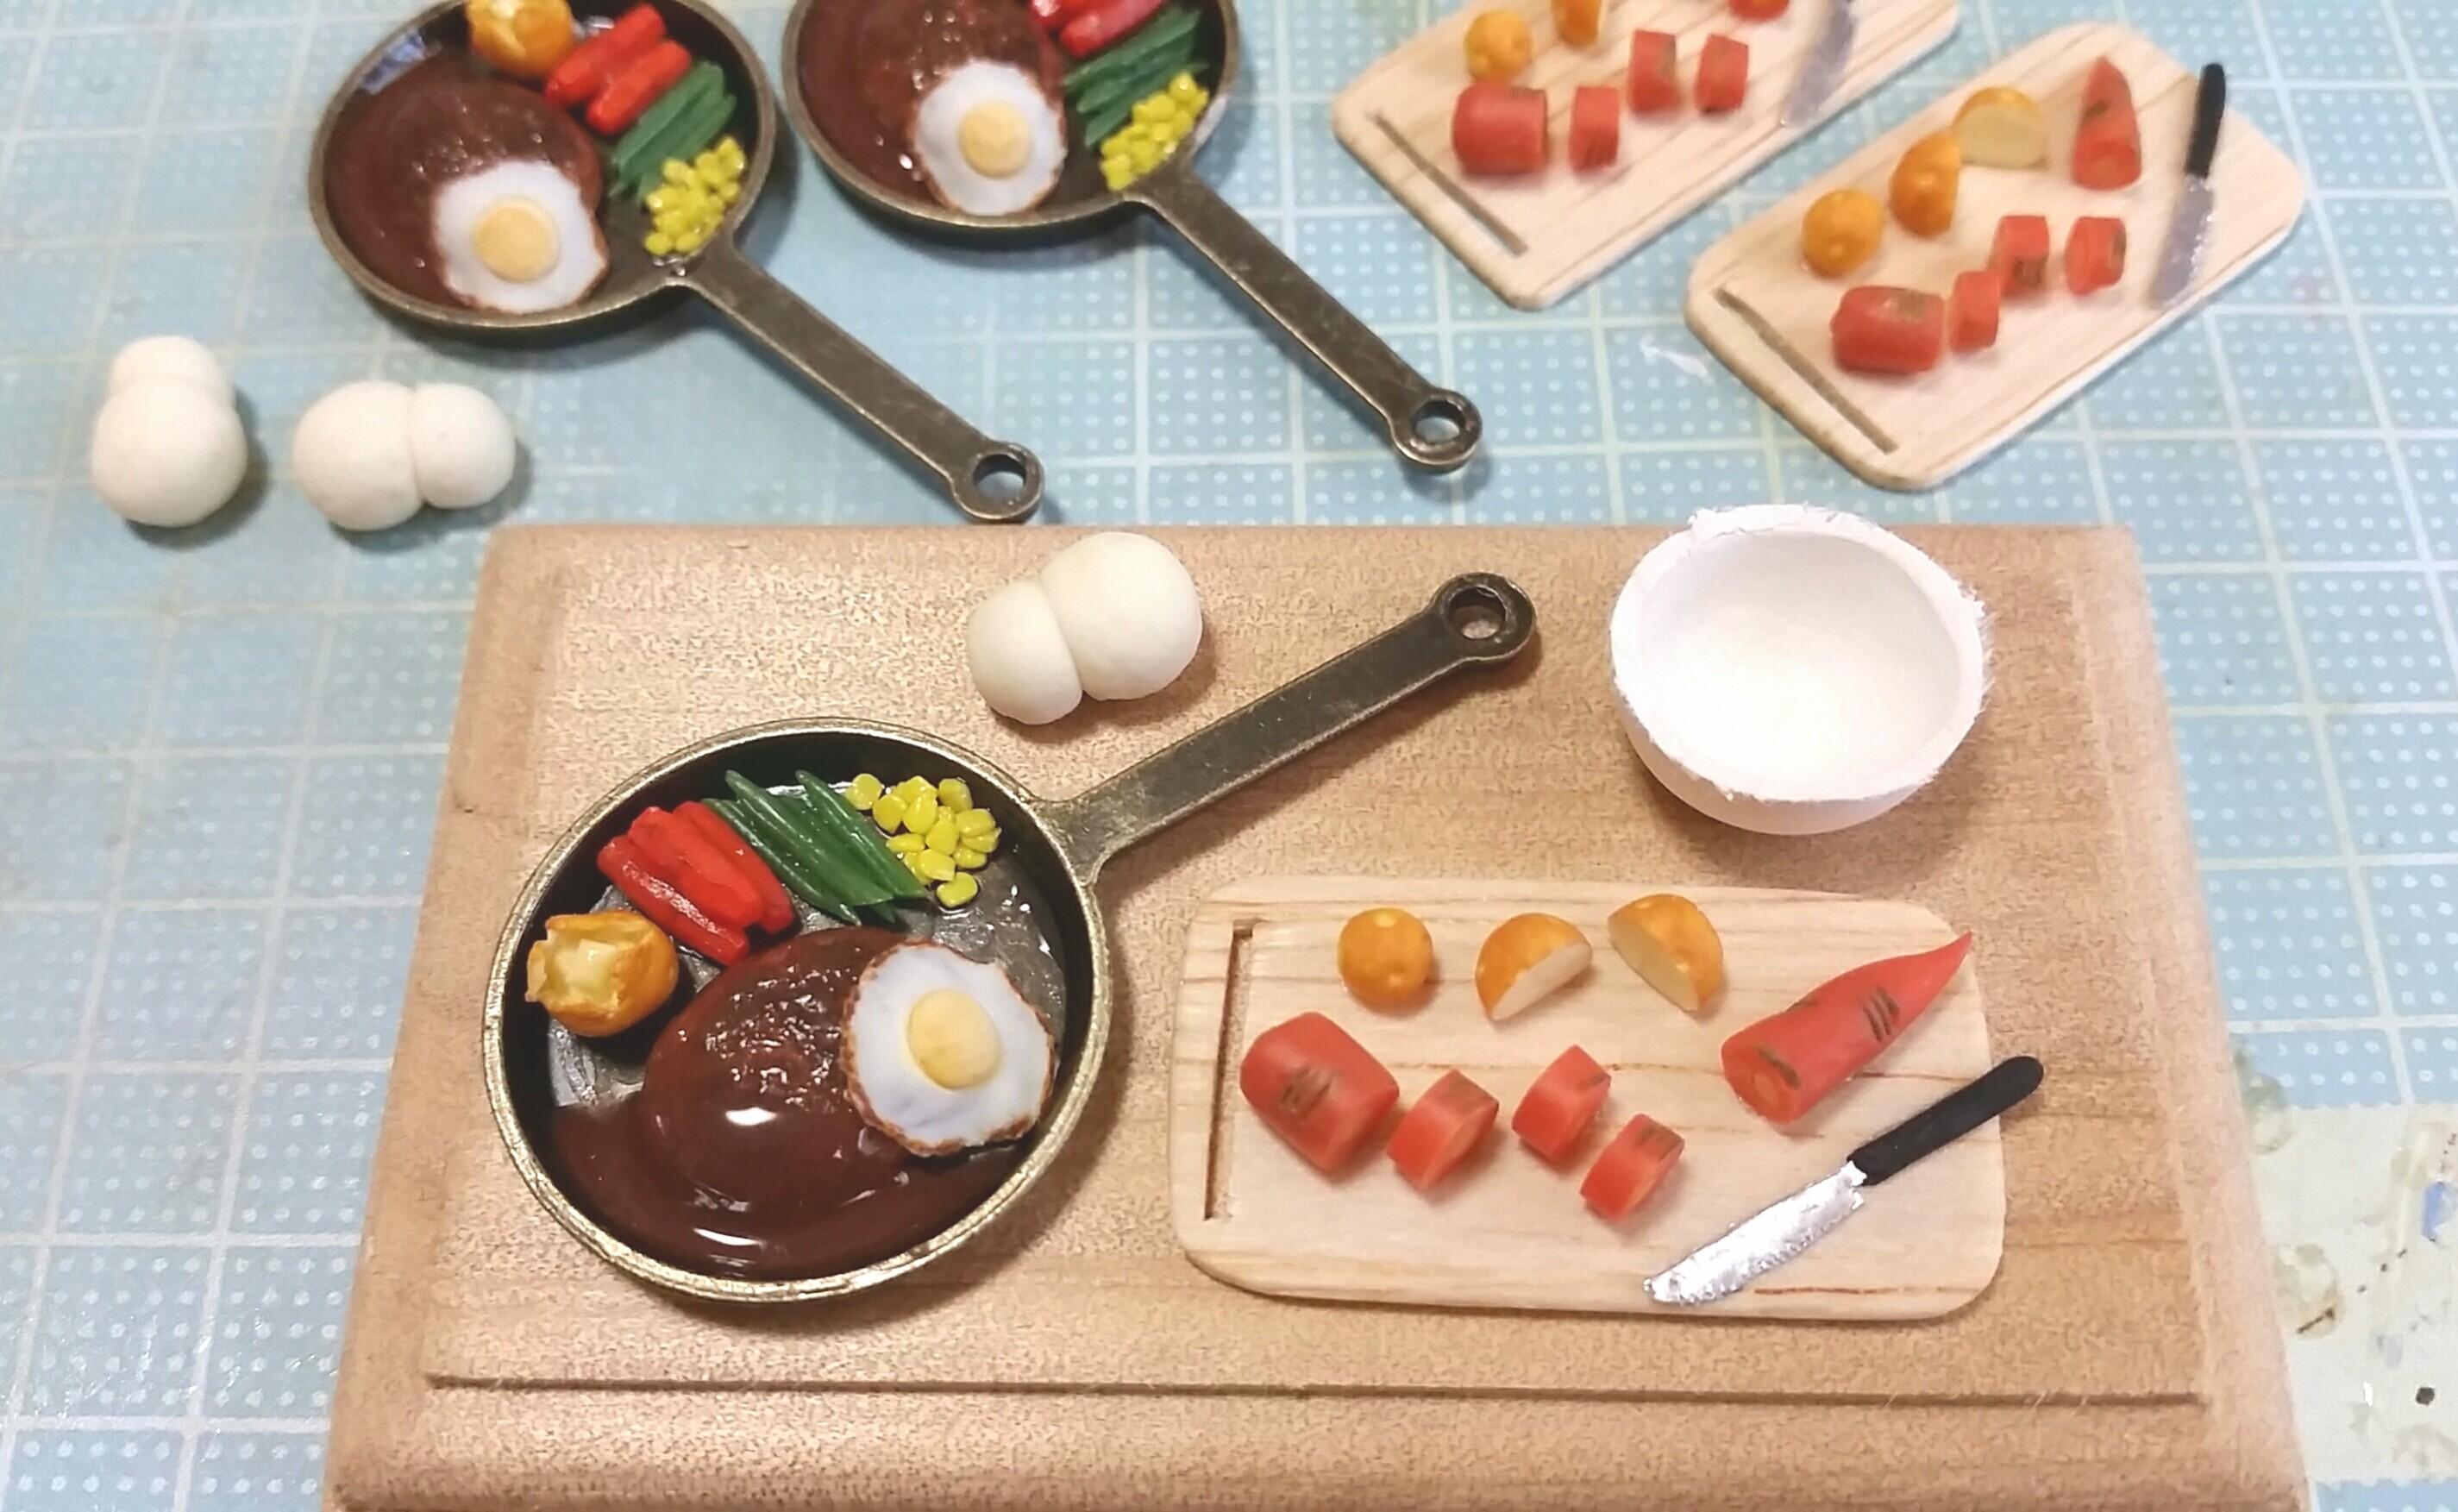 ミニチュアフード,かわいいハンバーグ,樹脂粘土,まとめ画像,自作